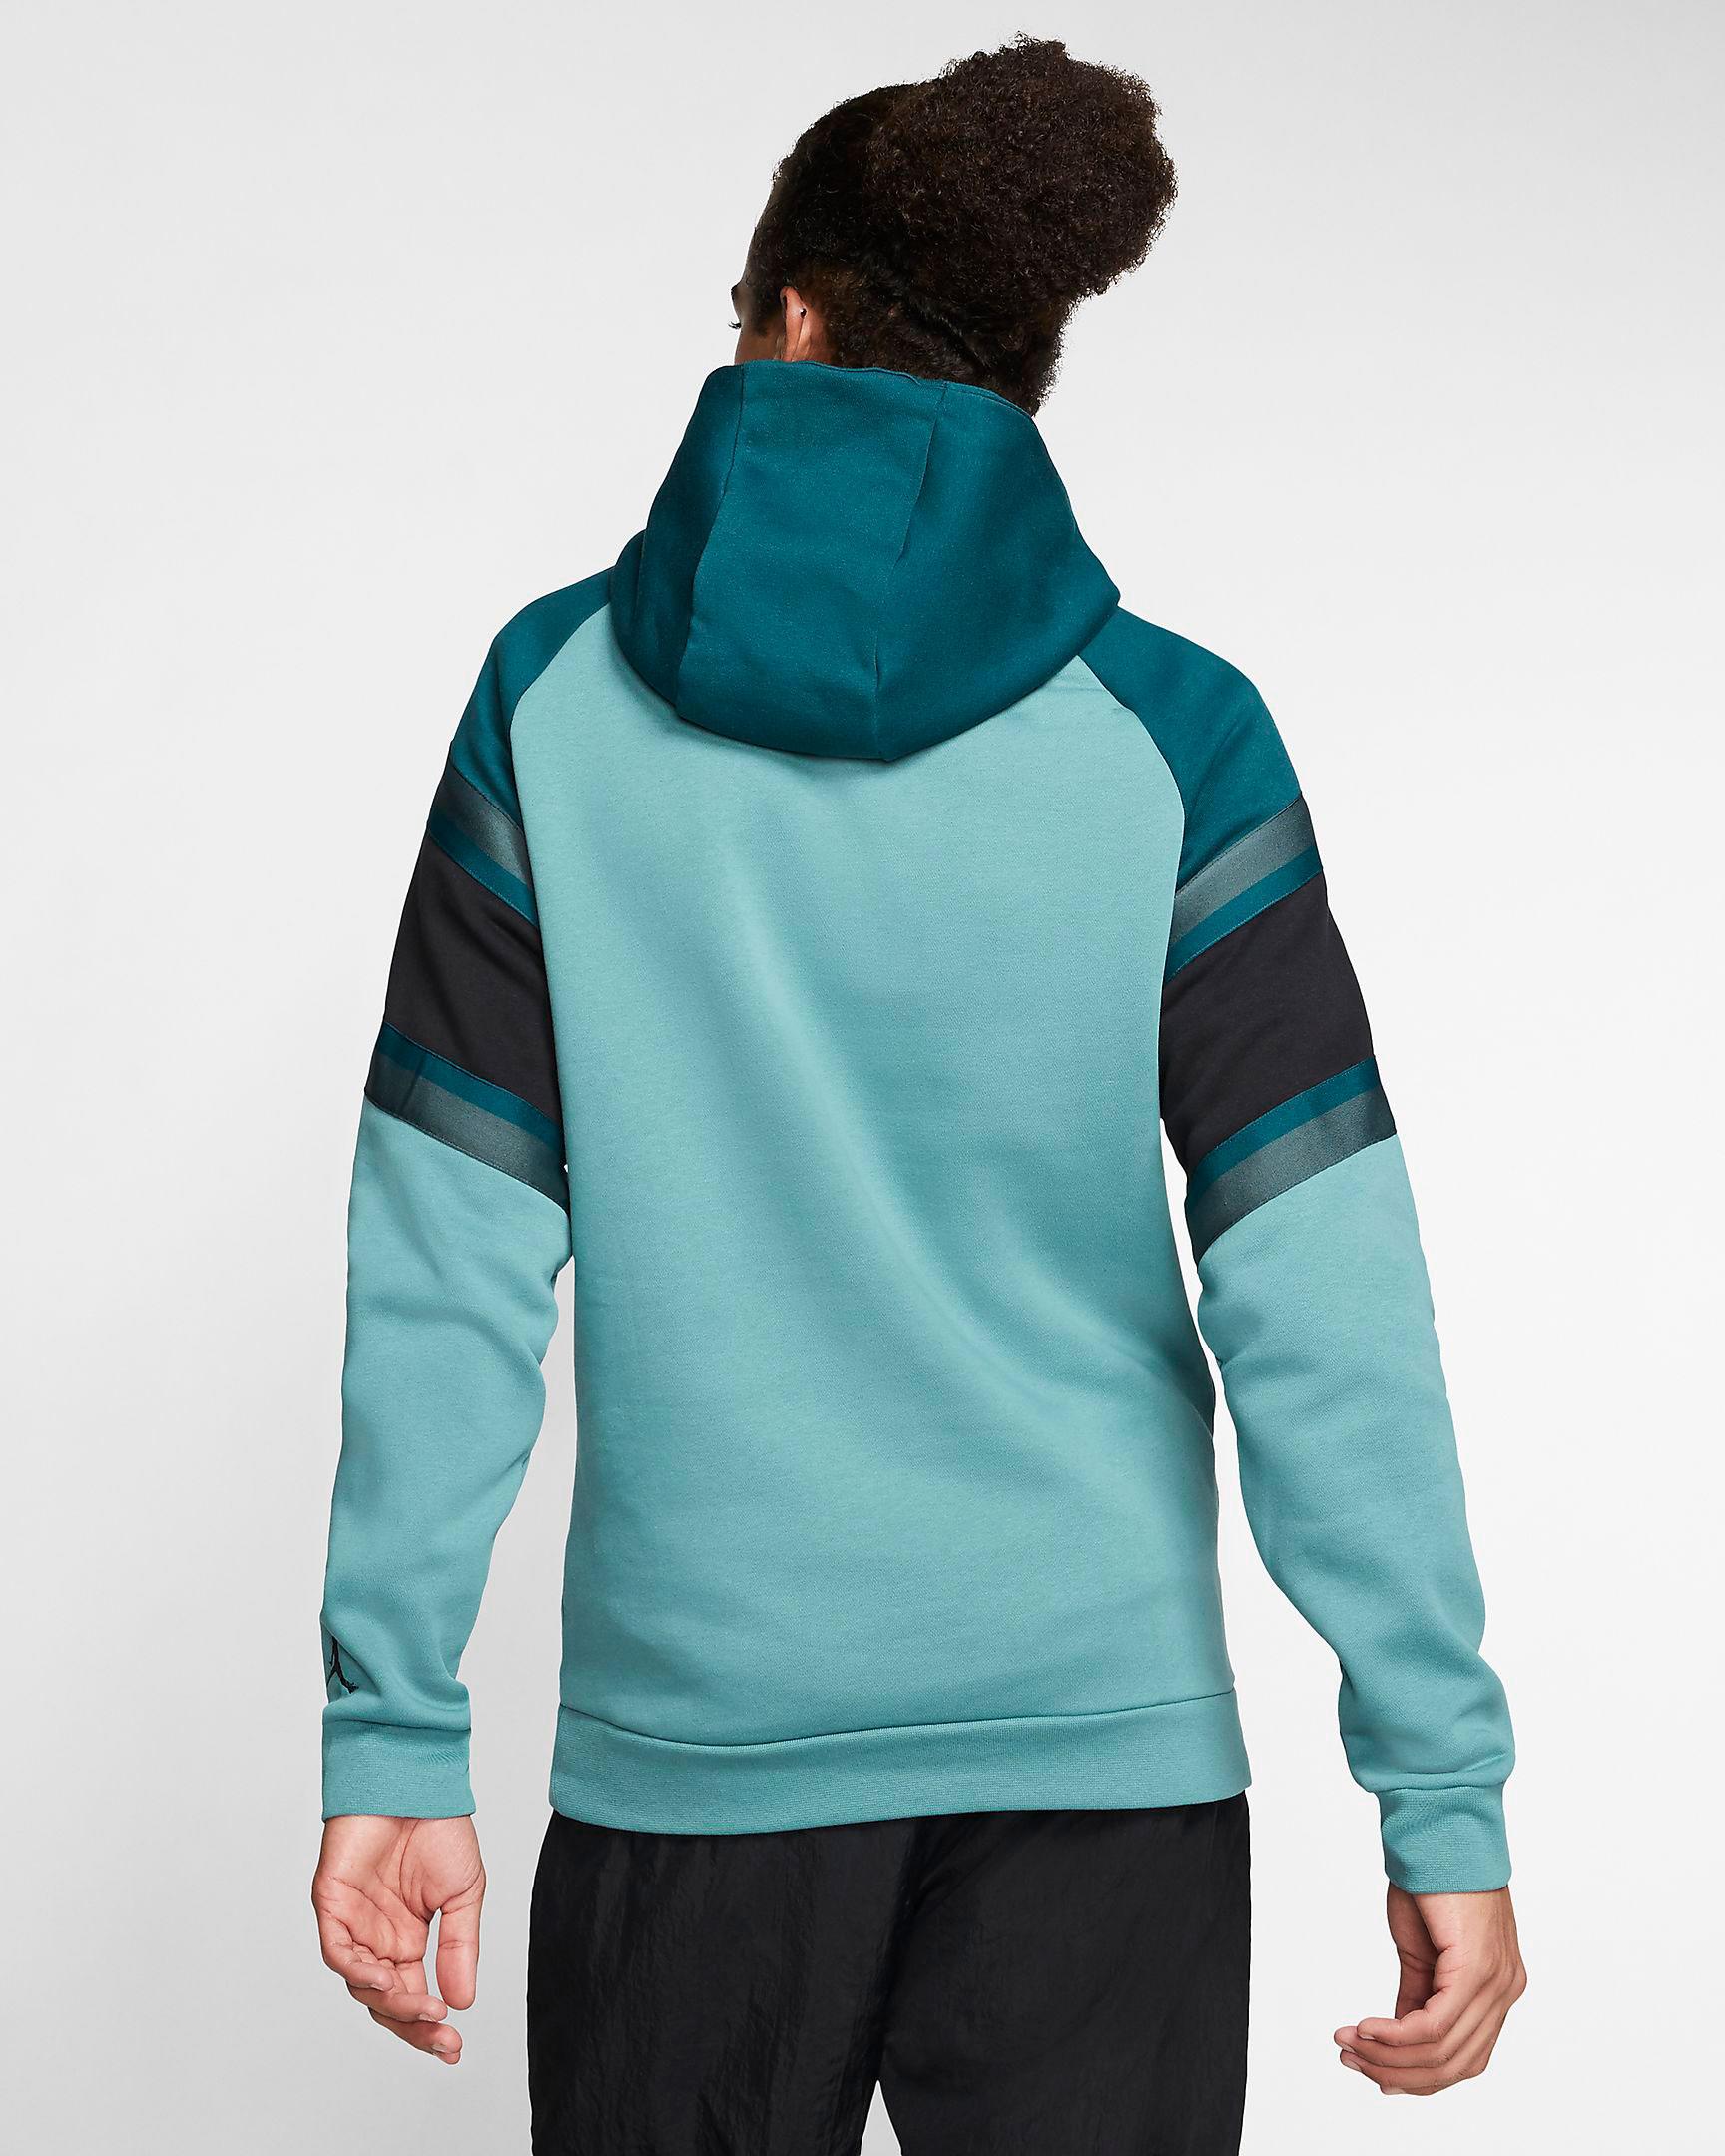 jordan-island-green-hoodie-2